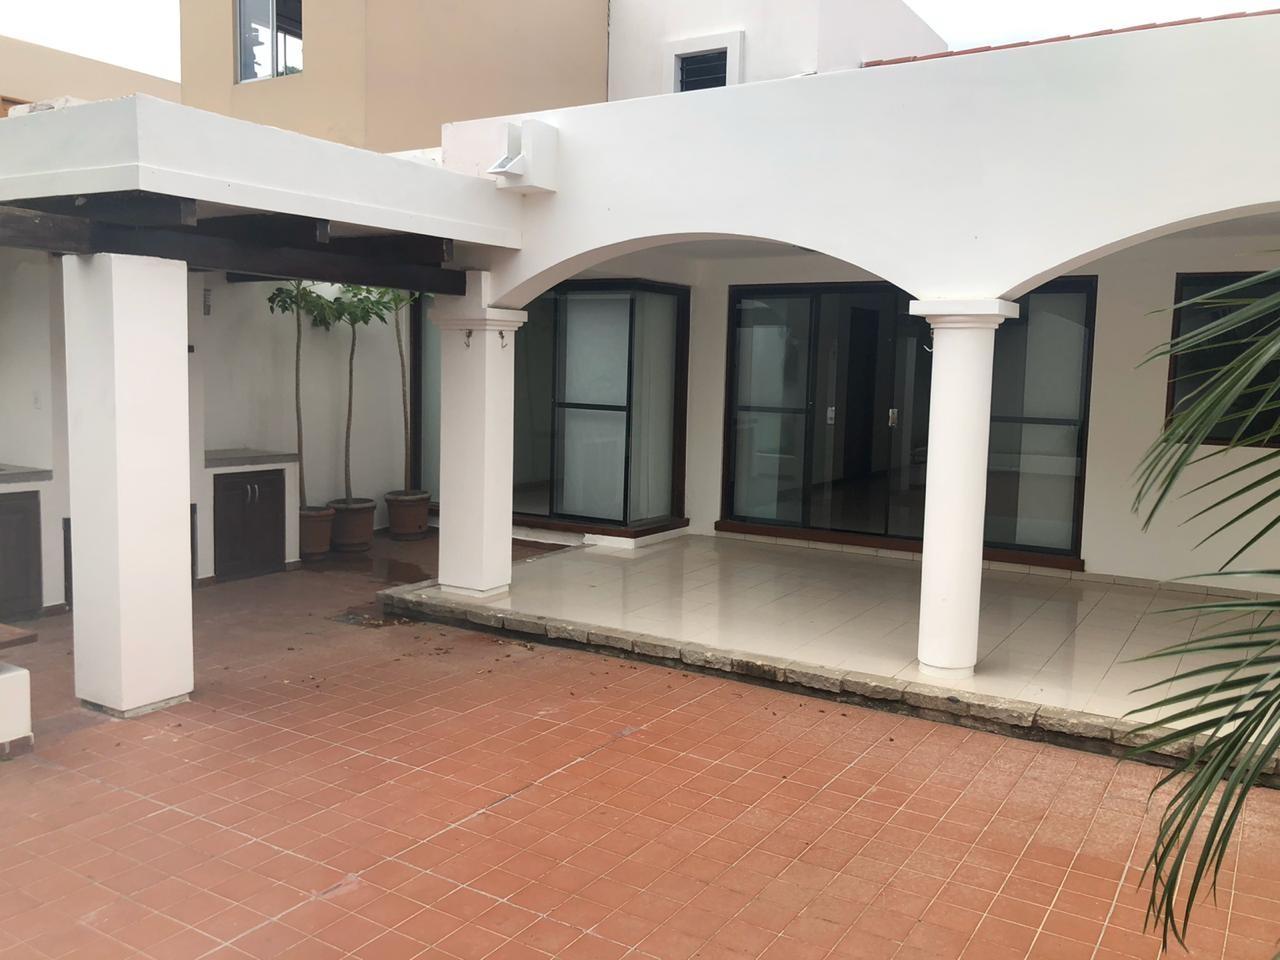 Casa en Alquiler 5 to Anillo entre Av Beni y Av. Cristo Redentor, cond. La Hacienda Foto 4